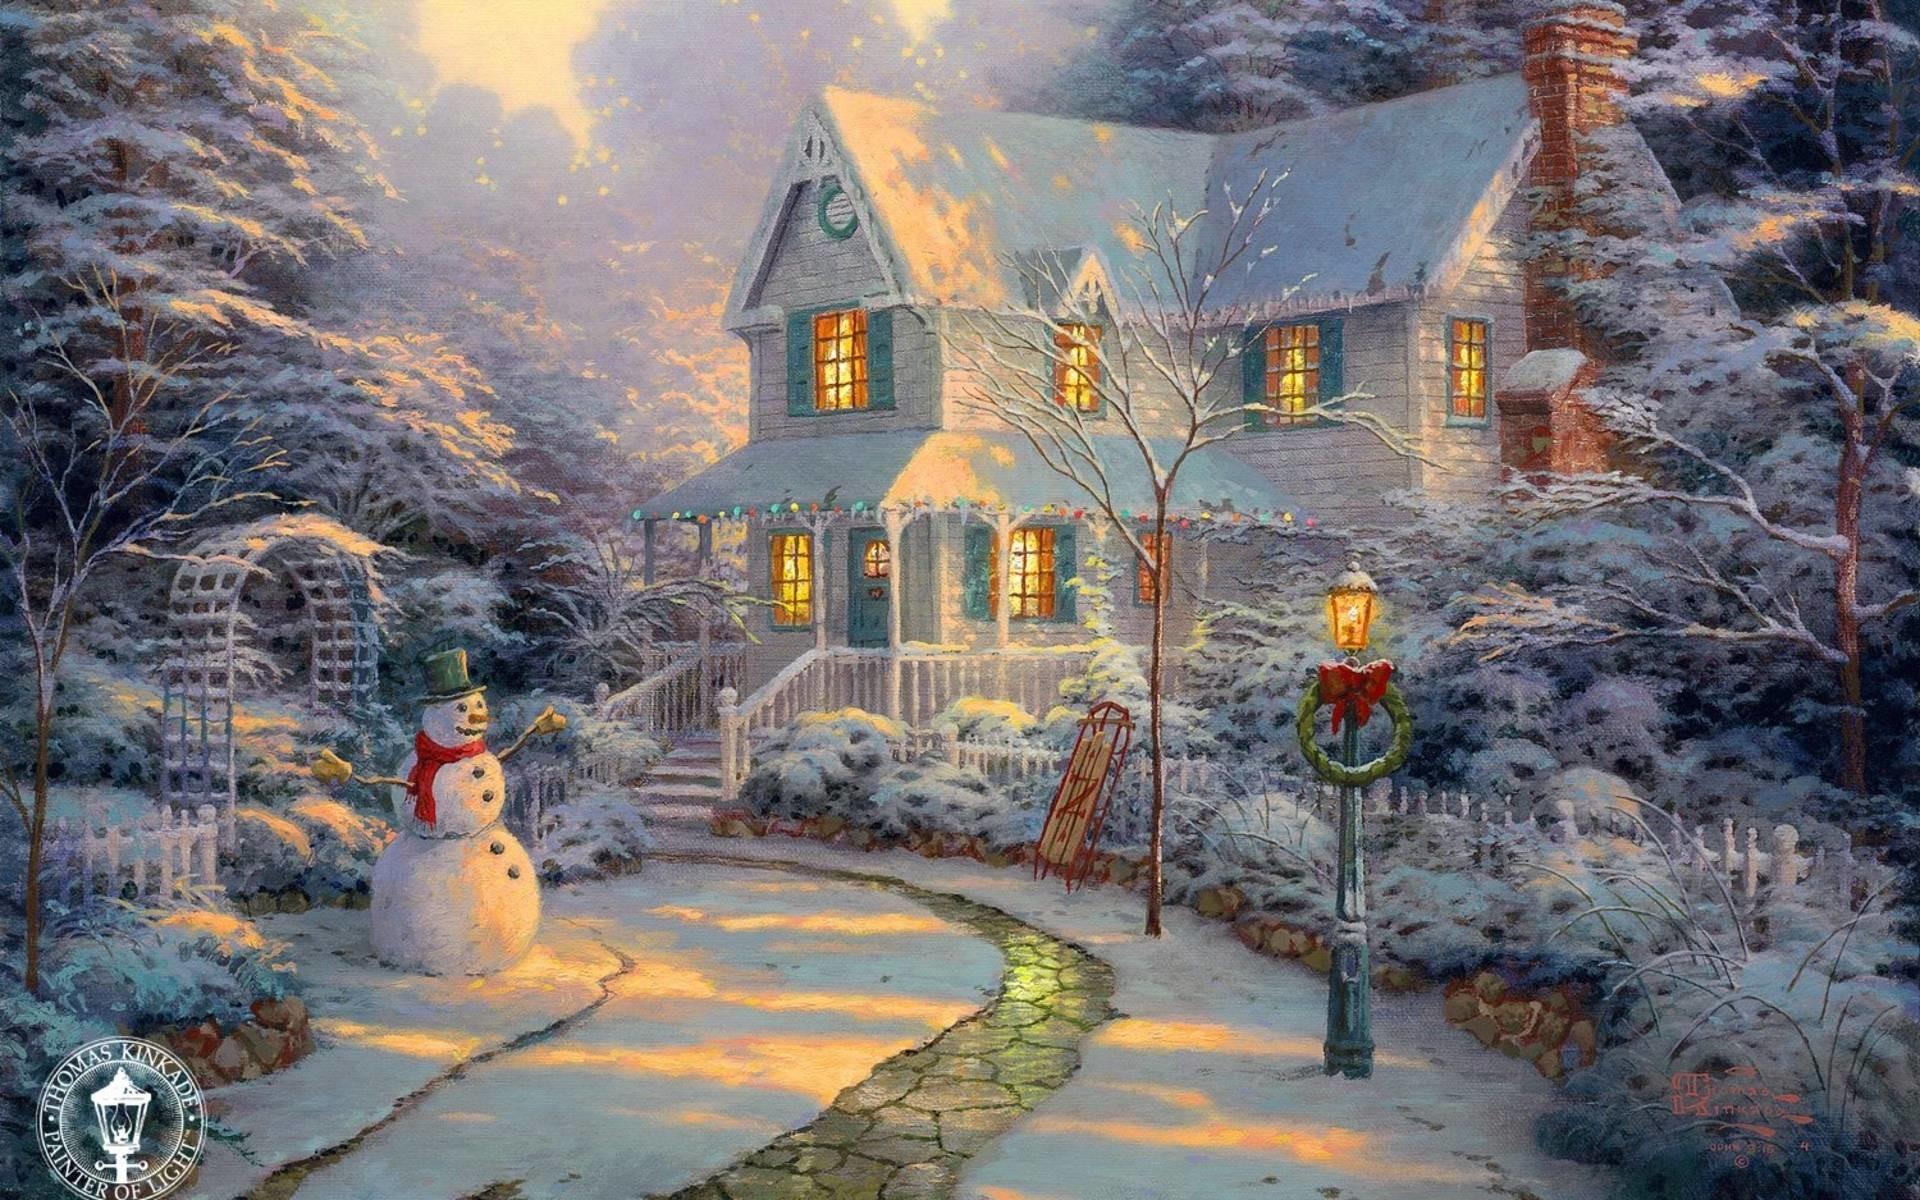 Wallpapers For > Thomas Kinkade Christmas Cottage Wallpaper